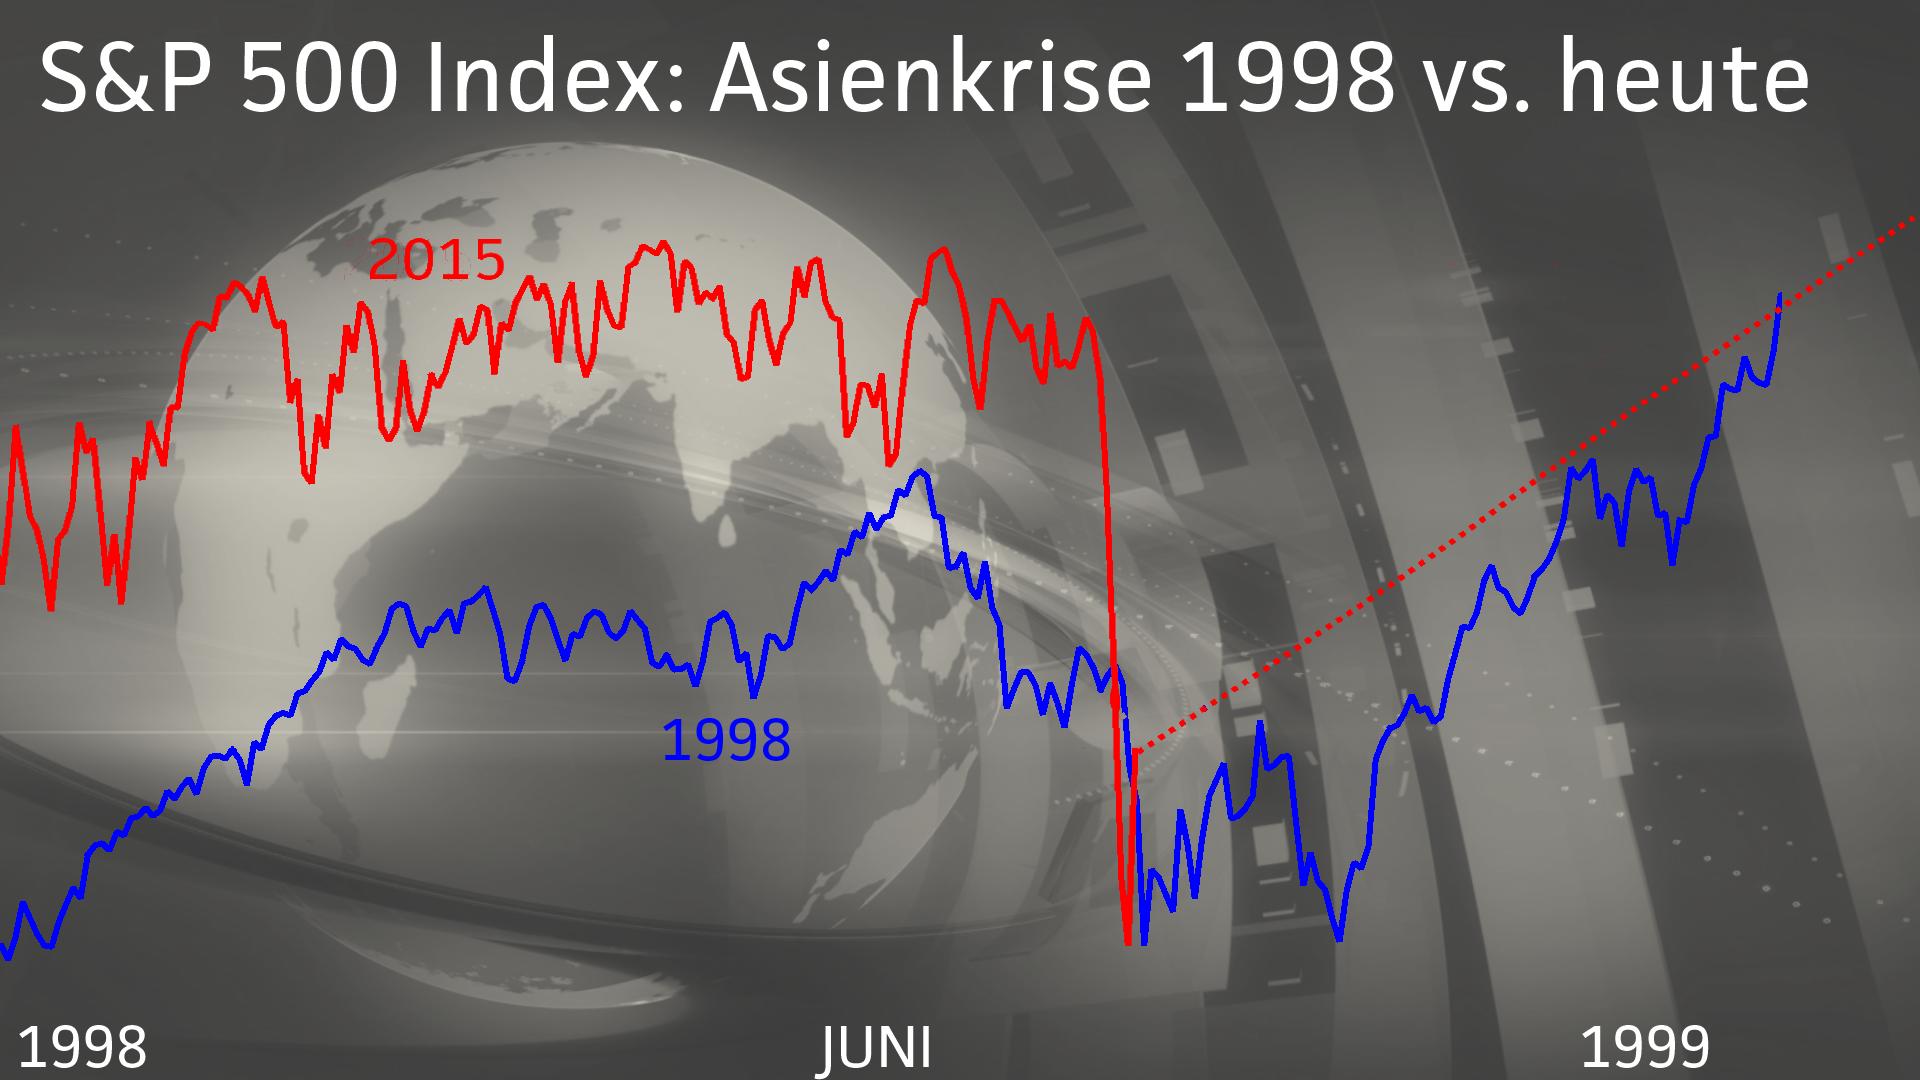 Asien-Krise-Steigt-der-DAX-jetzt-auf-17993-Punkte-Chartanalyse-Jochen-Stanzl-GodmodeTrader.de-1